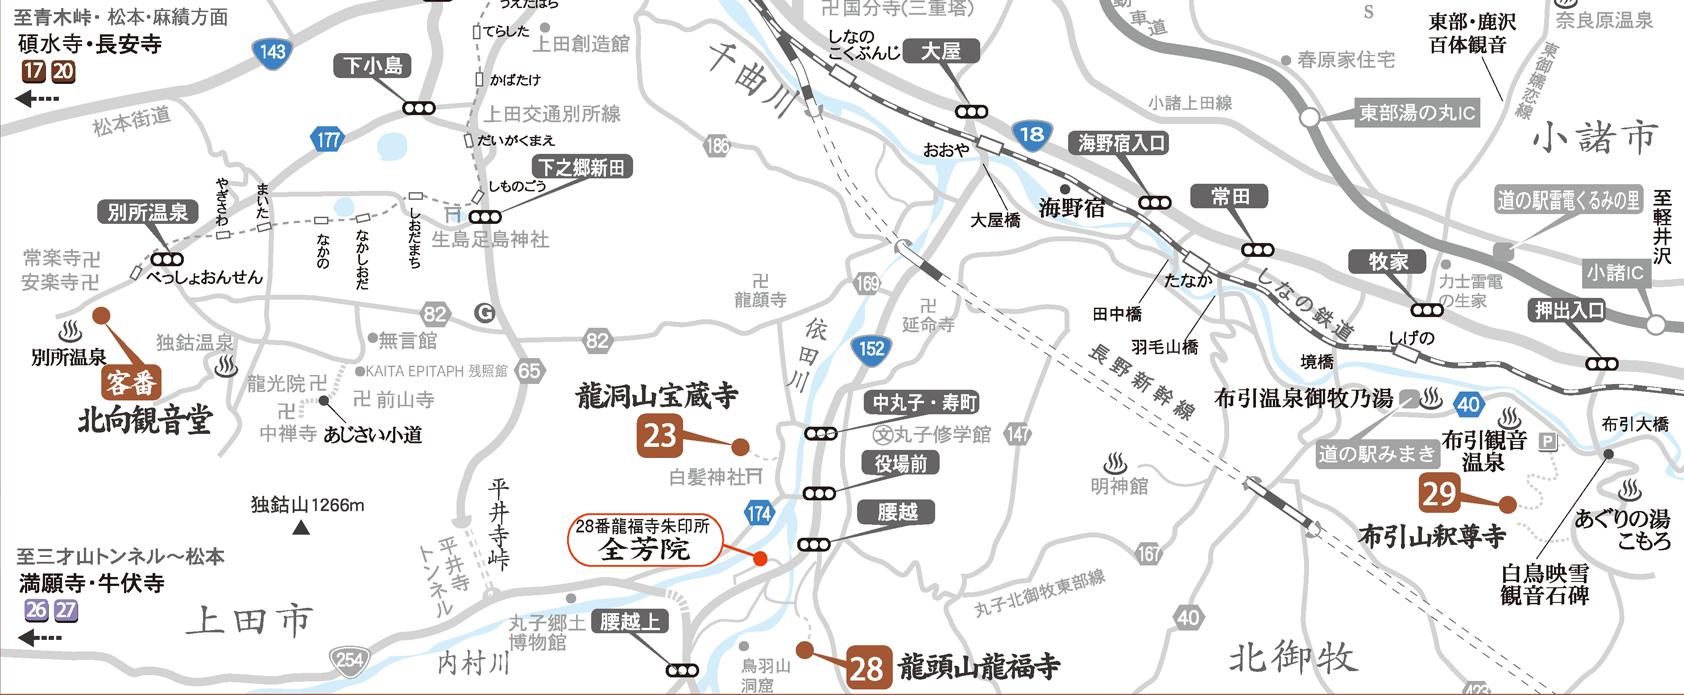 鎌倉街道エリア地図